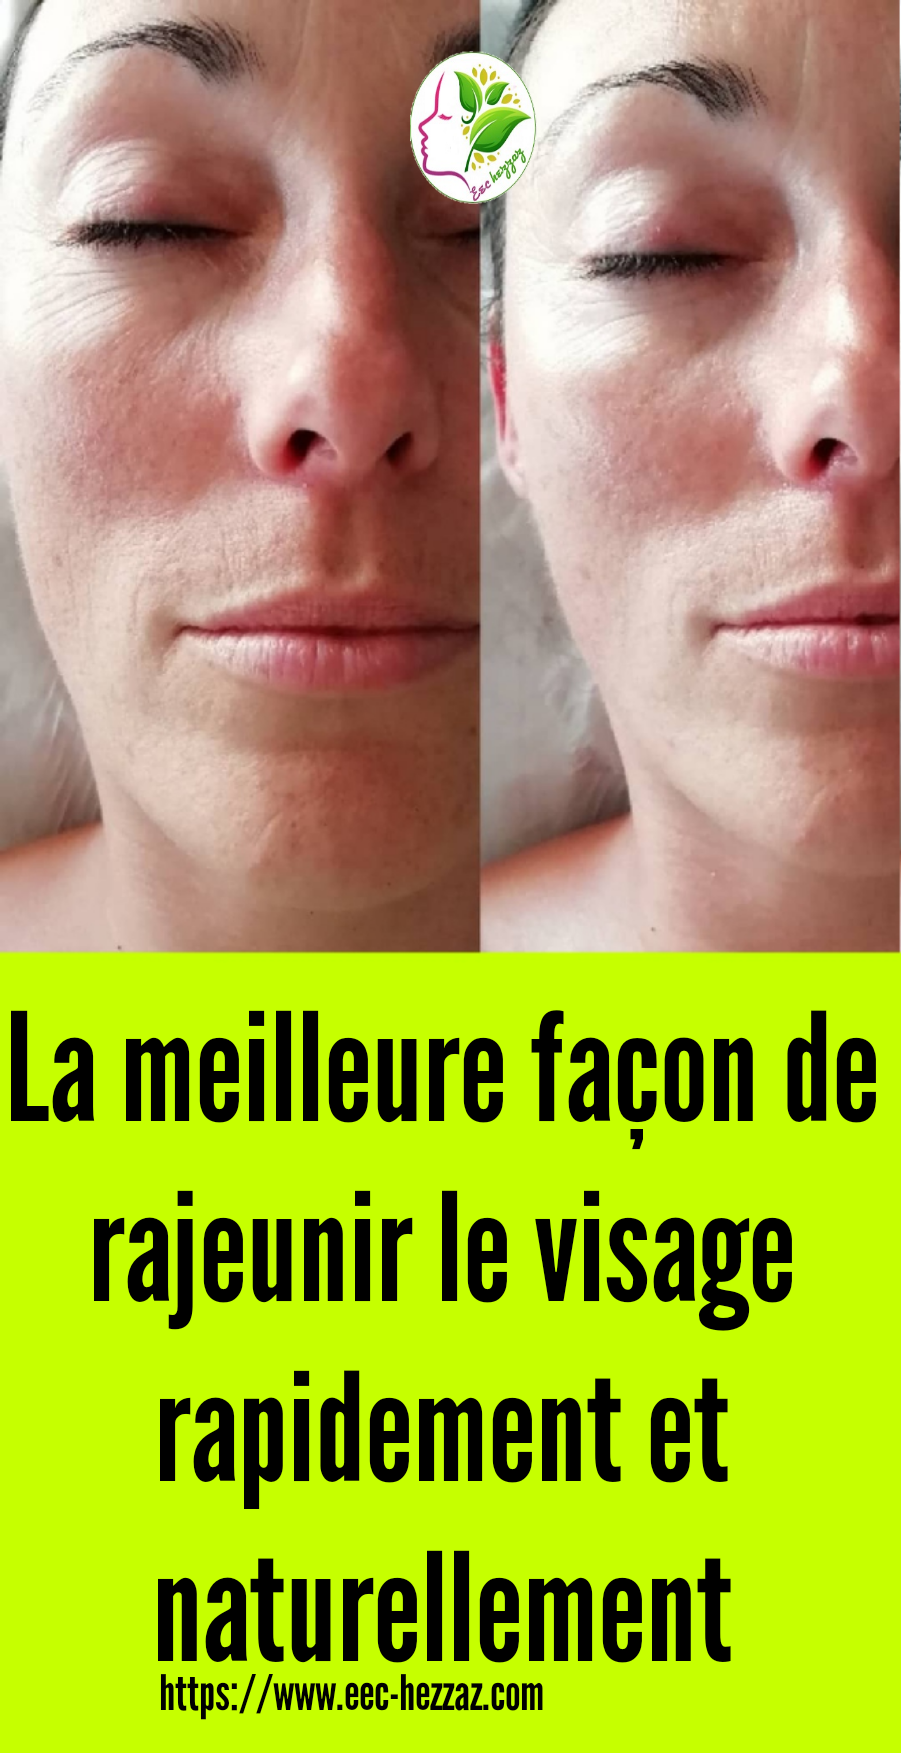 La meilleure façon de rajeunir le visage rapidement et naturellement